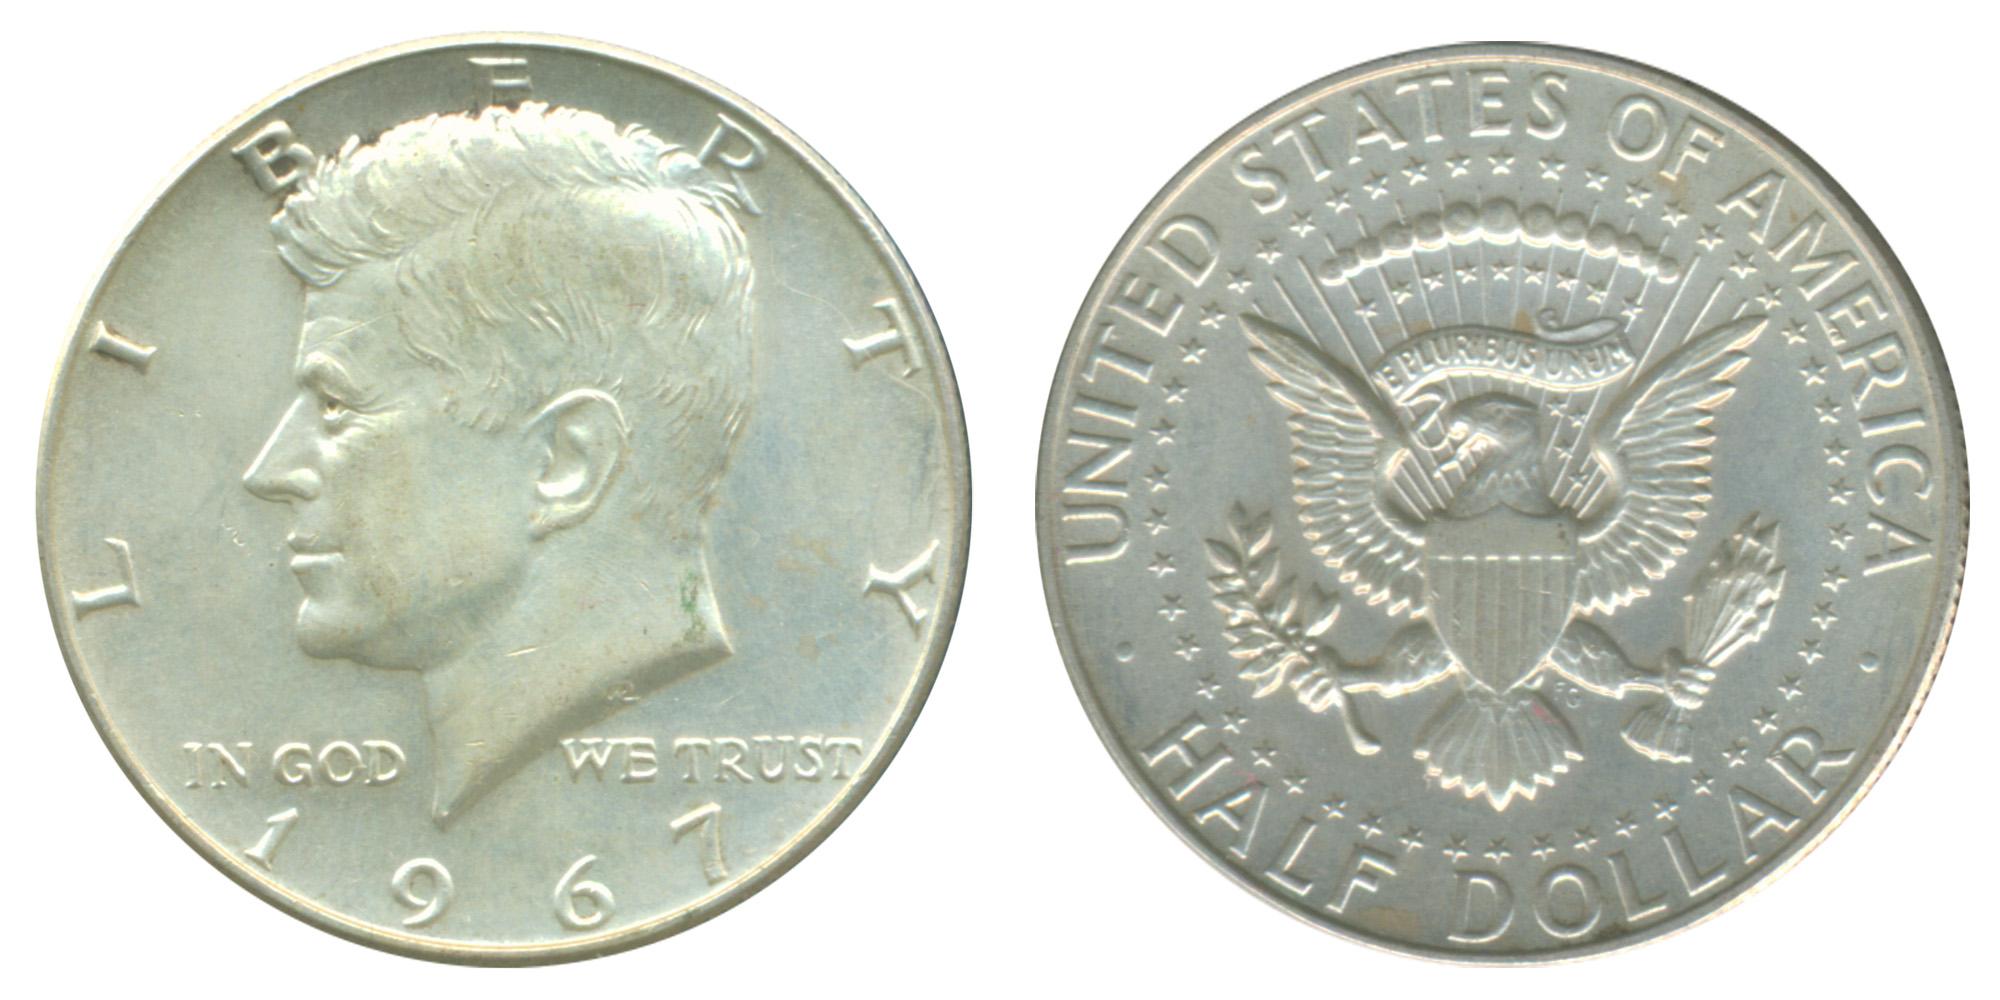 Пол доллара сша золотые монеты в сбербанке